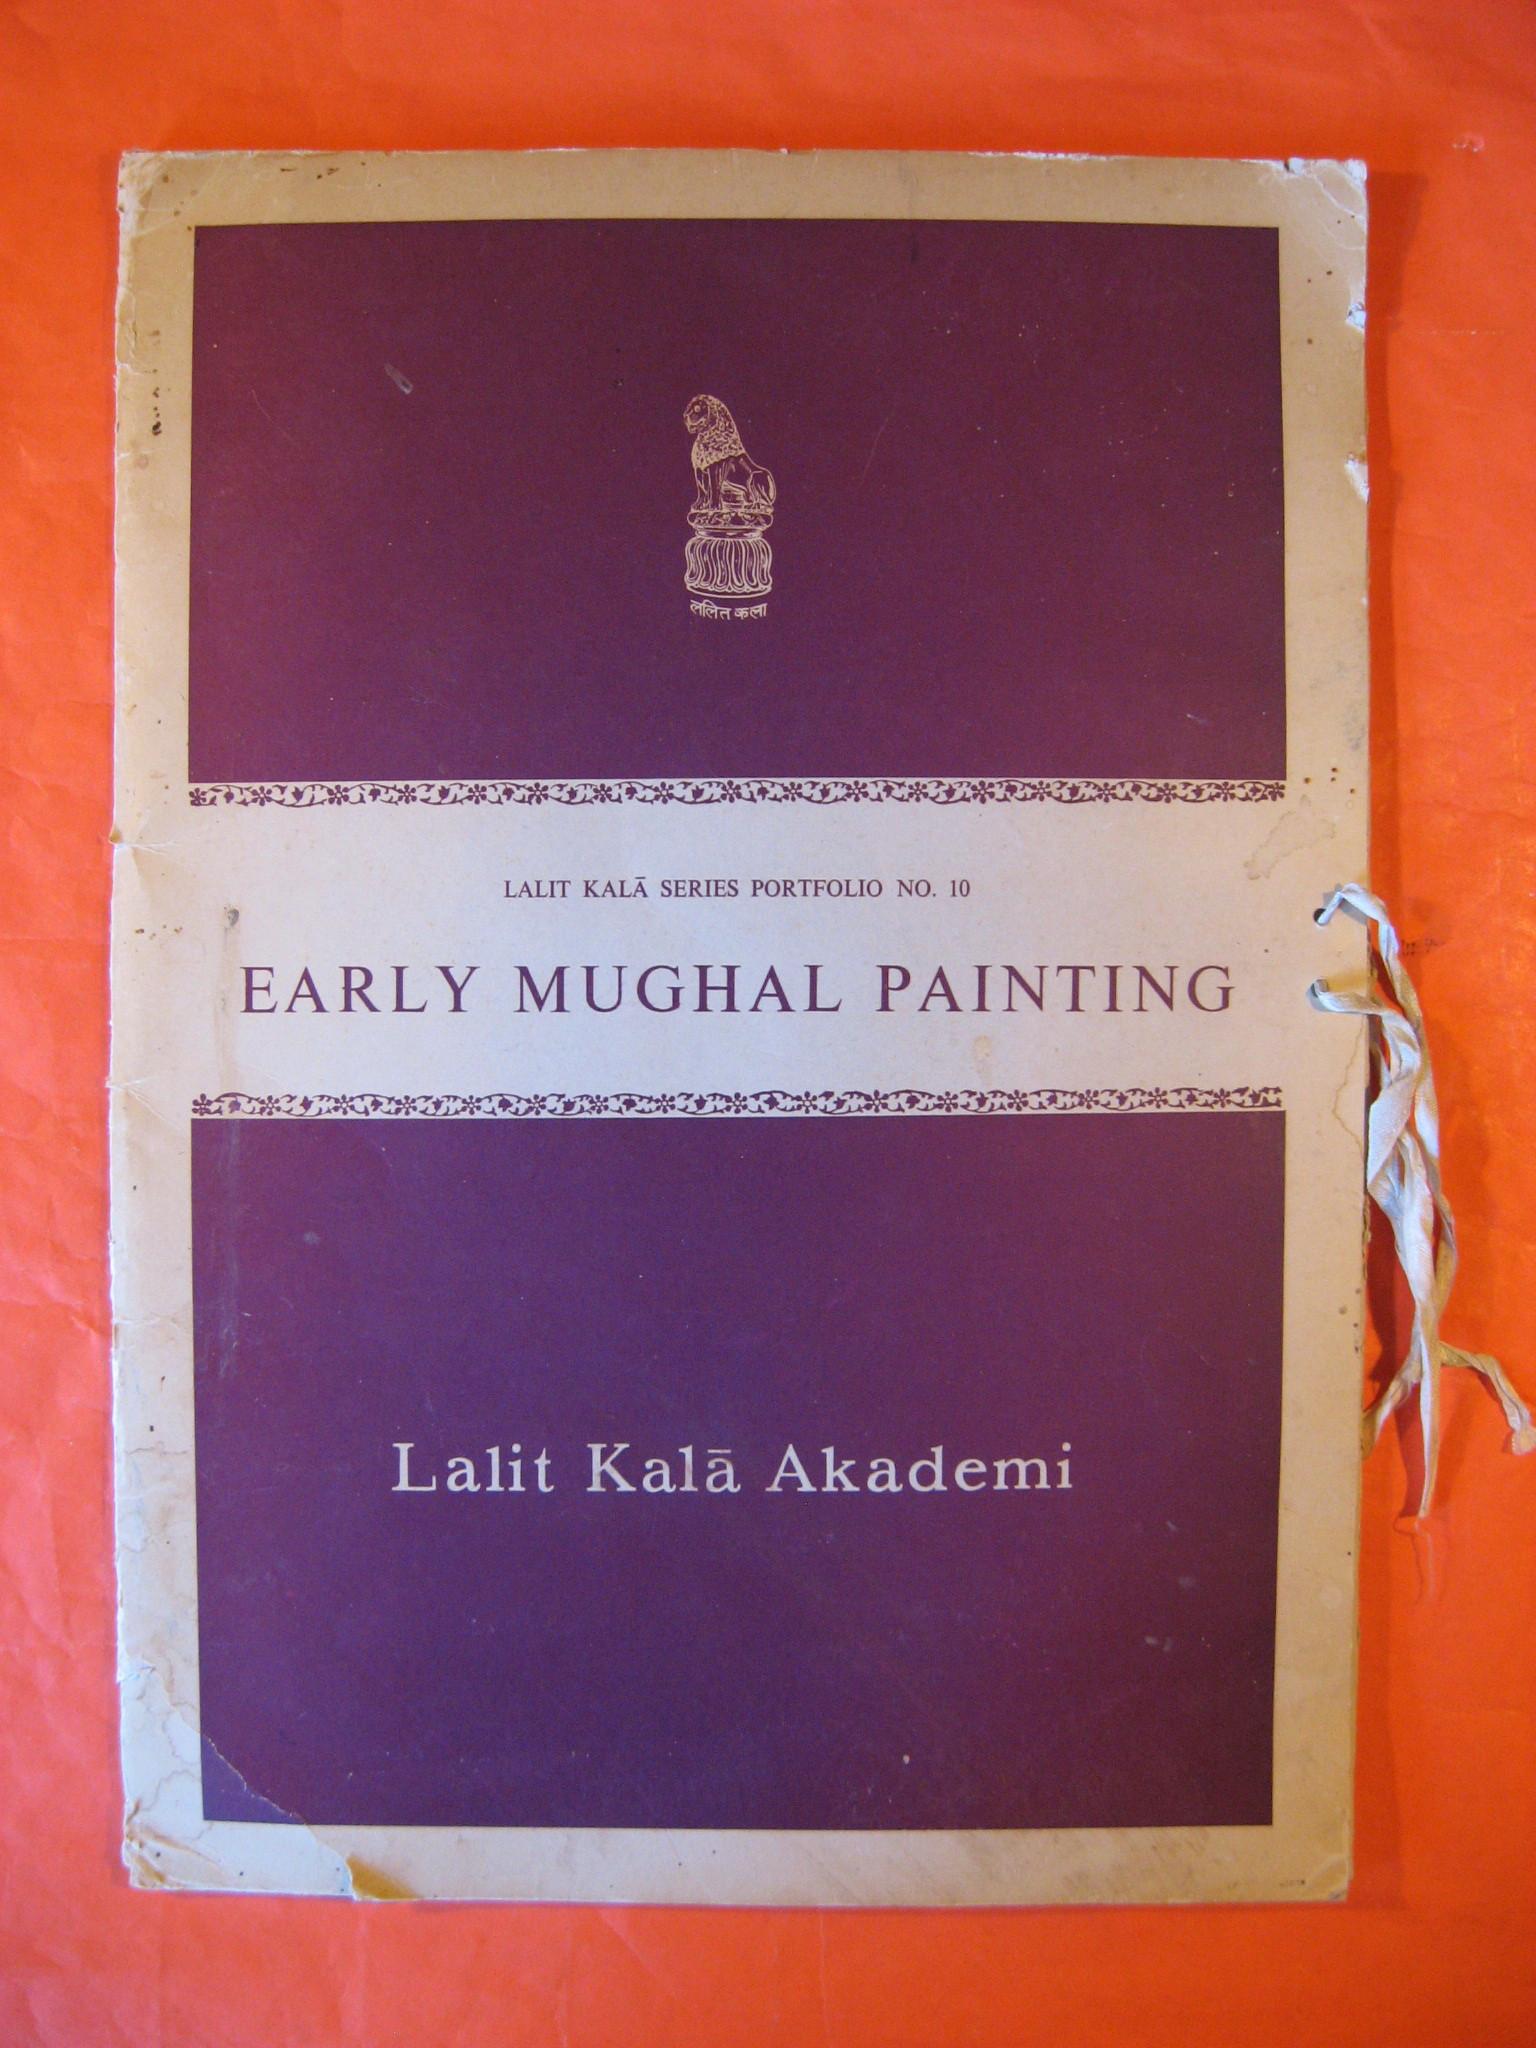 Early Mughal Painting  [lalit Kala Series Portfolio # 10], Krishna, Anand ;  Khandalavala, Karl; Gorakshkar, Sadashiv ; (eds.)